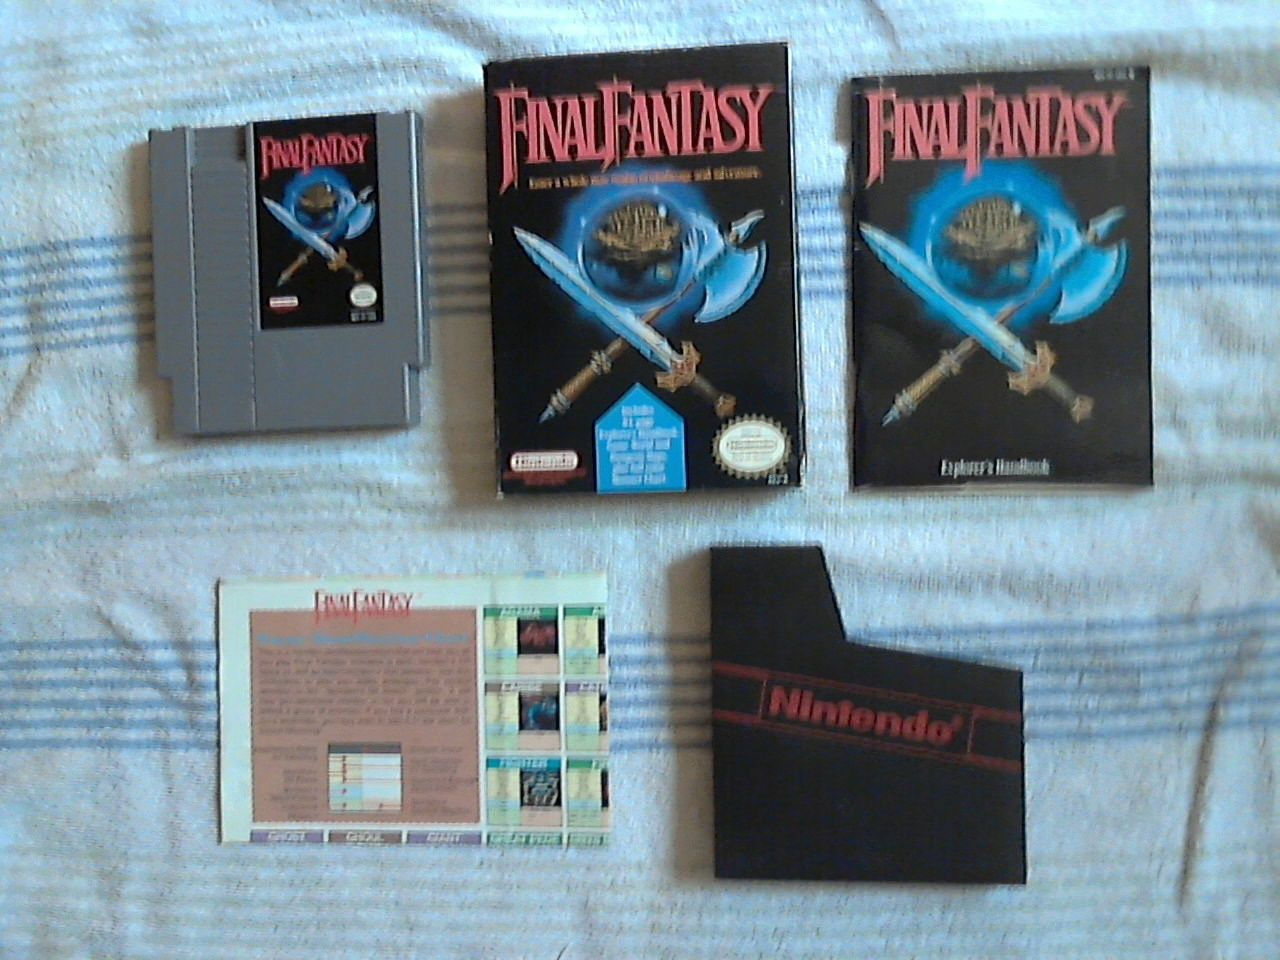 Final Fantasy NES CIB Final fantasy nes, Arcade games, Games